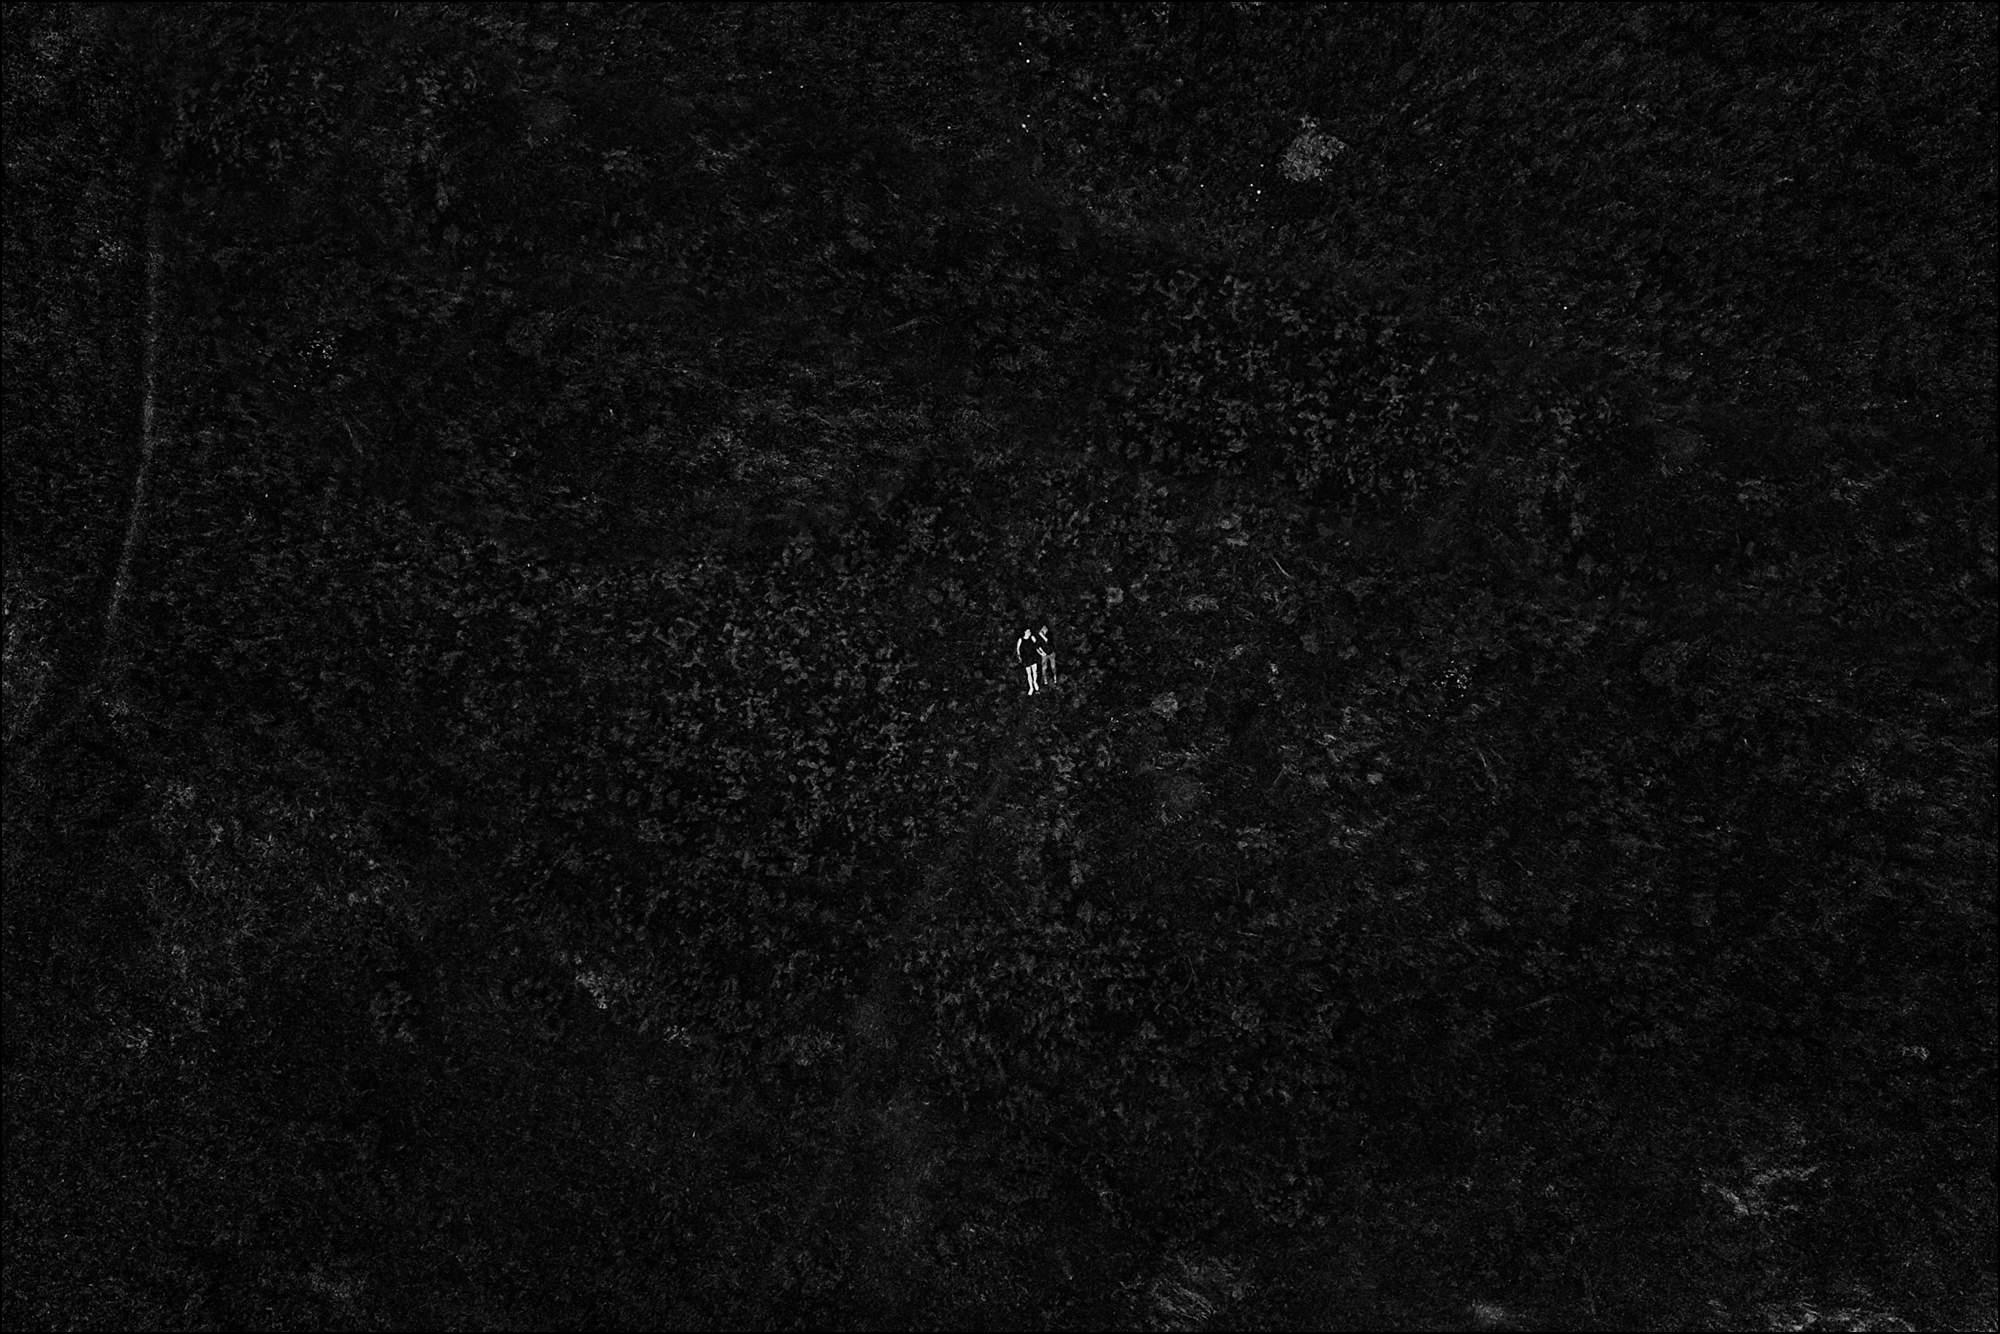 2018-08-02_0029.jpg